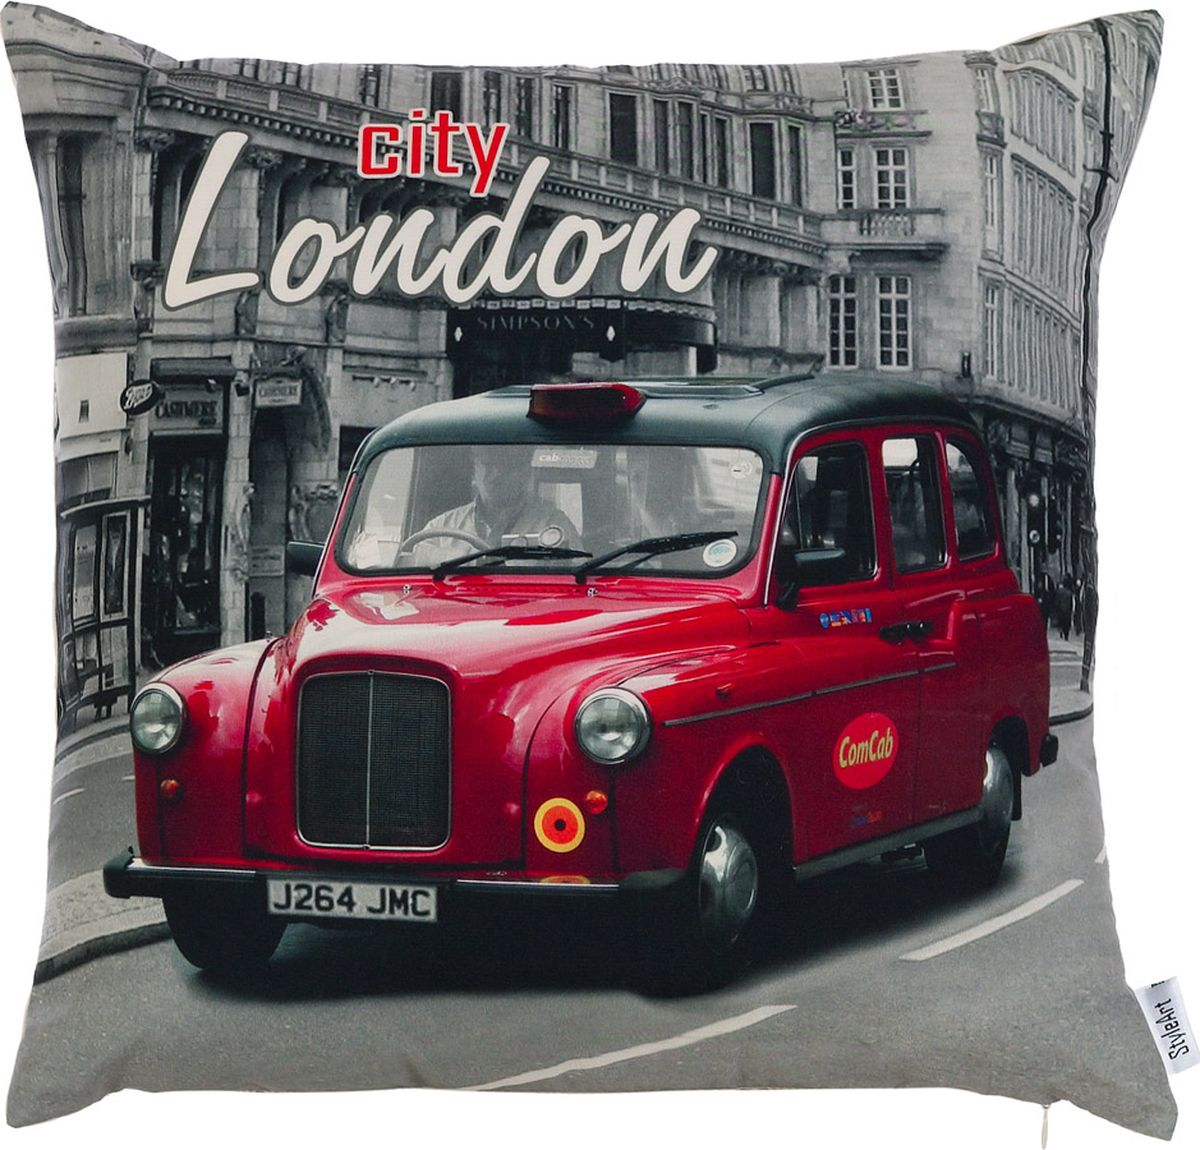 Чехол для декоративной подушки StyleArt Лондон, 45 х 45 смP702-9840/4Декоративные чехлы для подушек с рисунком из новой коллекции StyleArt изготовлены из микрофибры.Дизайн чехла позволяет использовать его как вклассических, так и в современных интерьерах.